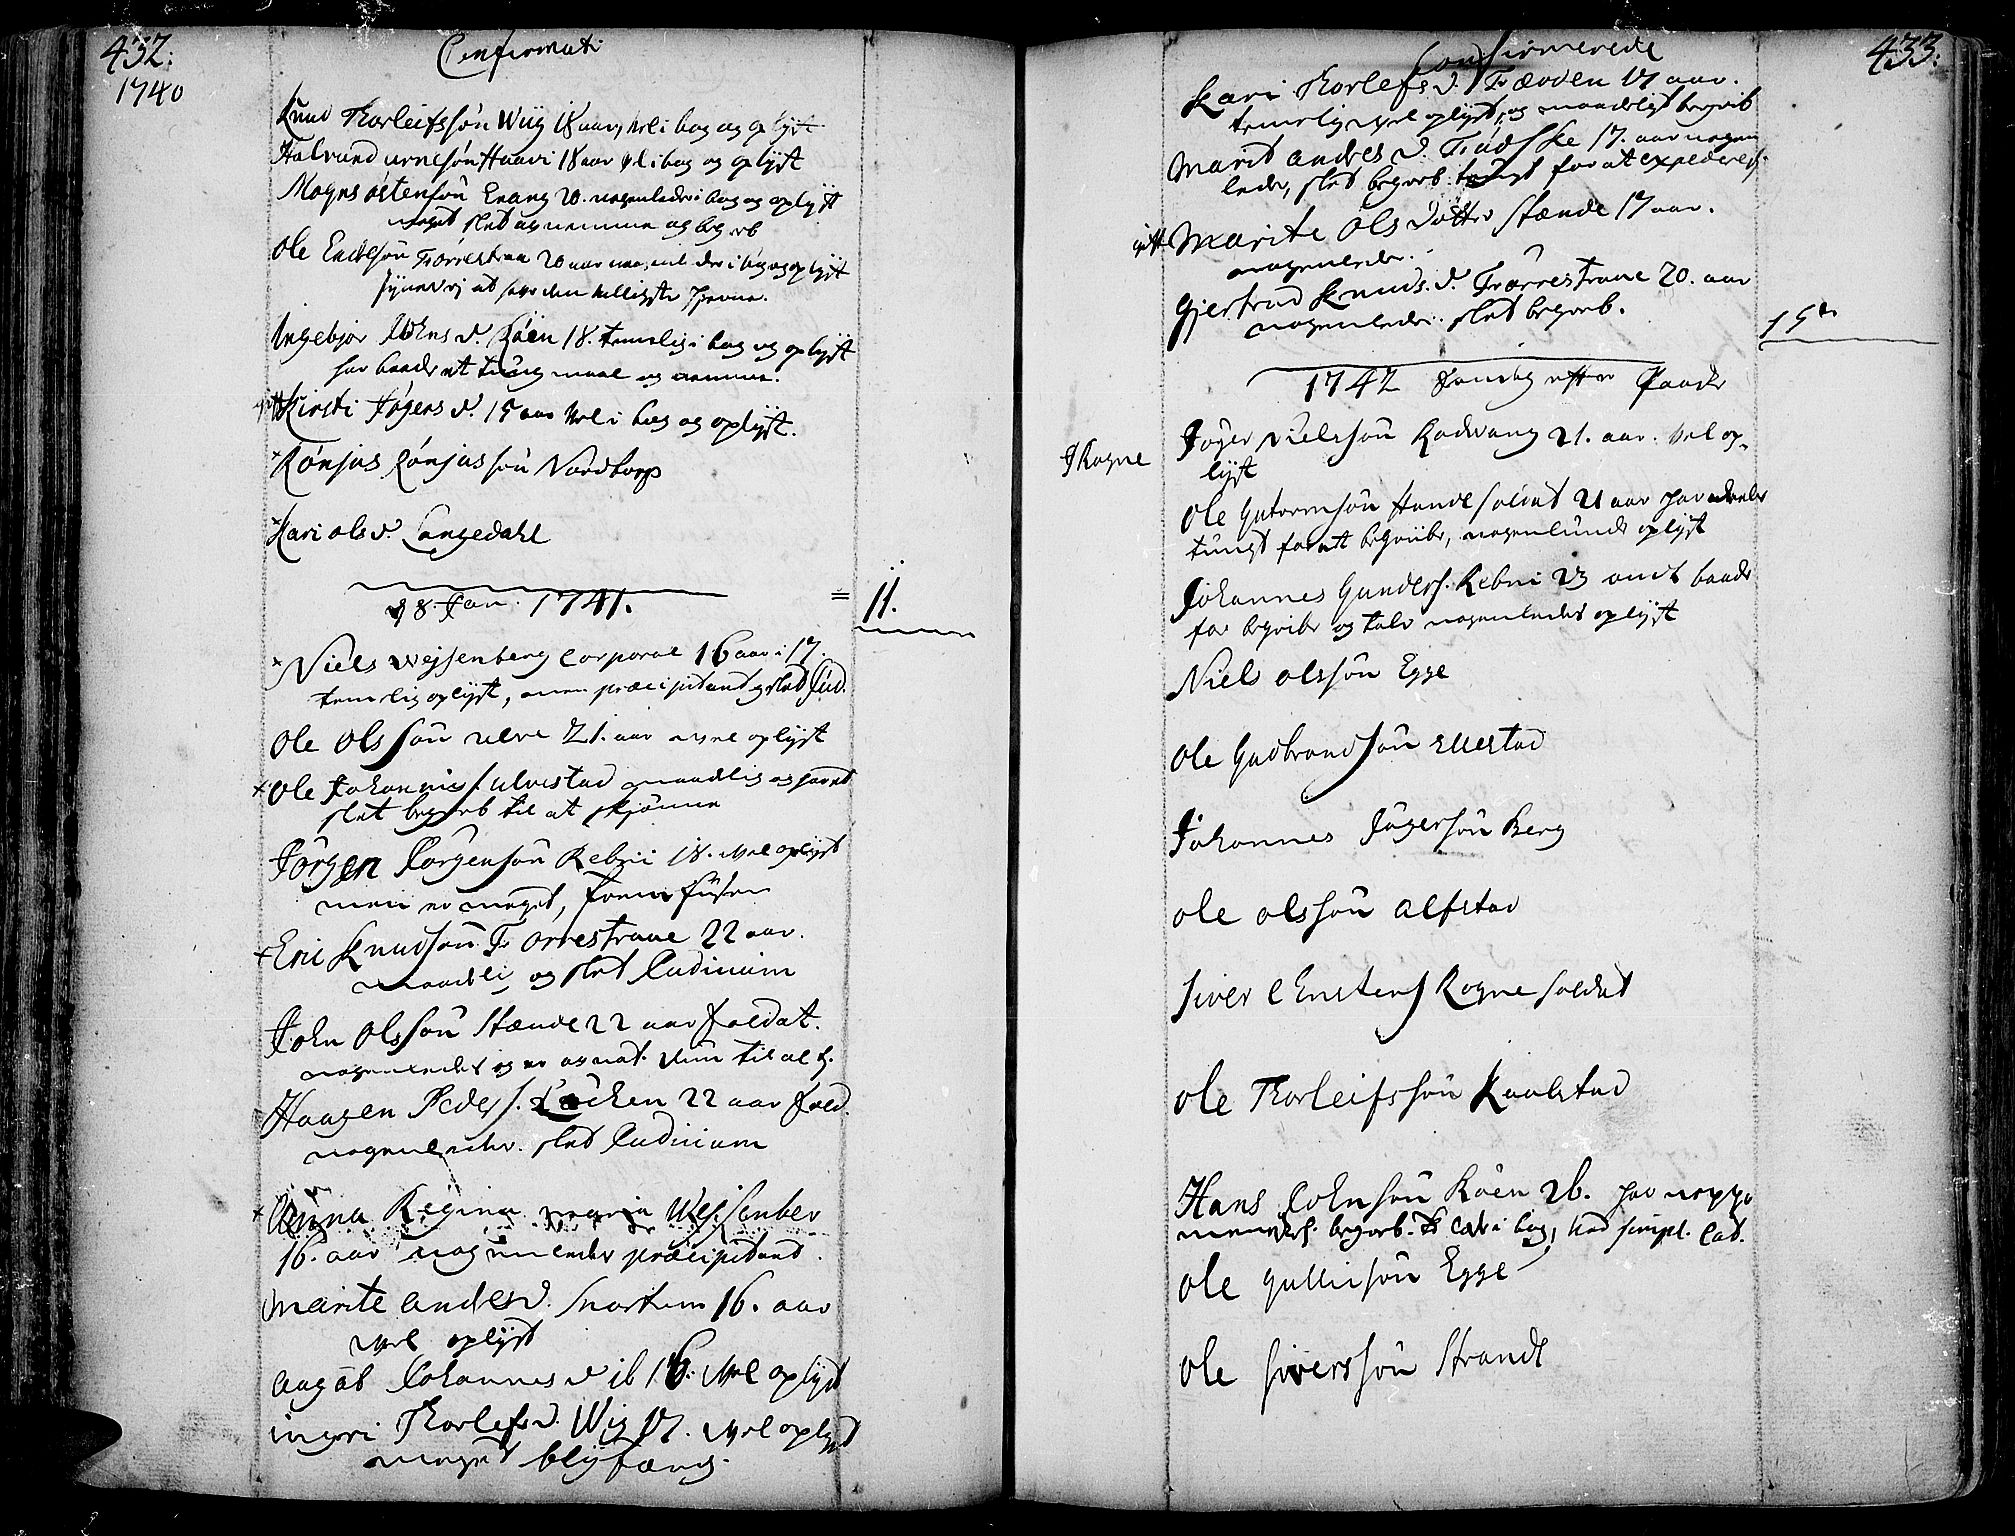 SAH, Slidre prestekontor, Ministerialbok nr. 1, 1724-1814, s. 432-433